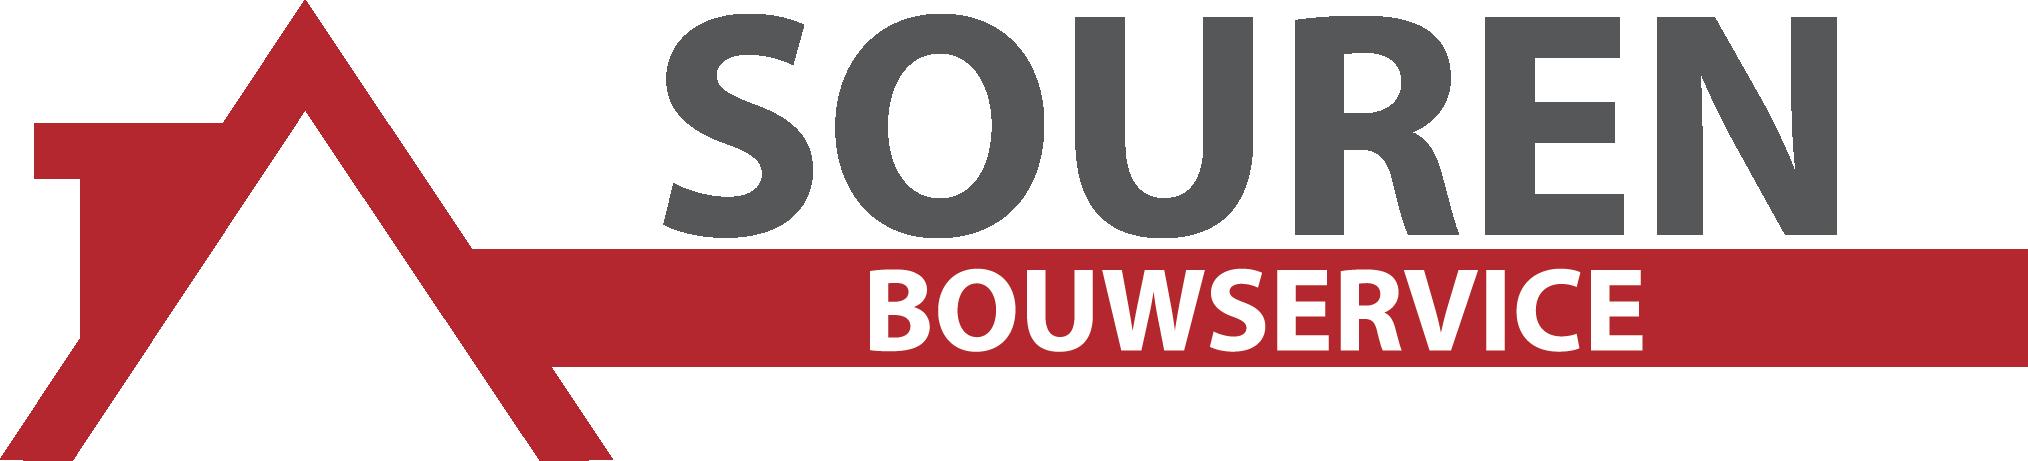 Souren Bouwservice